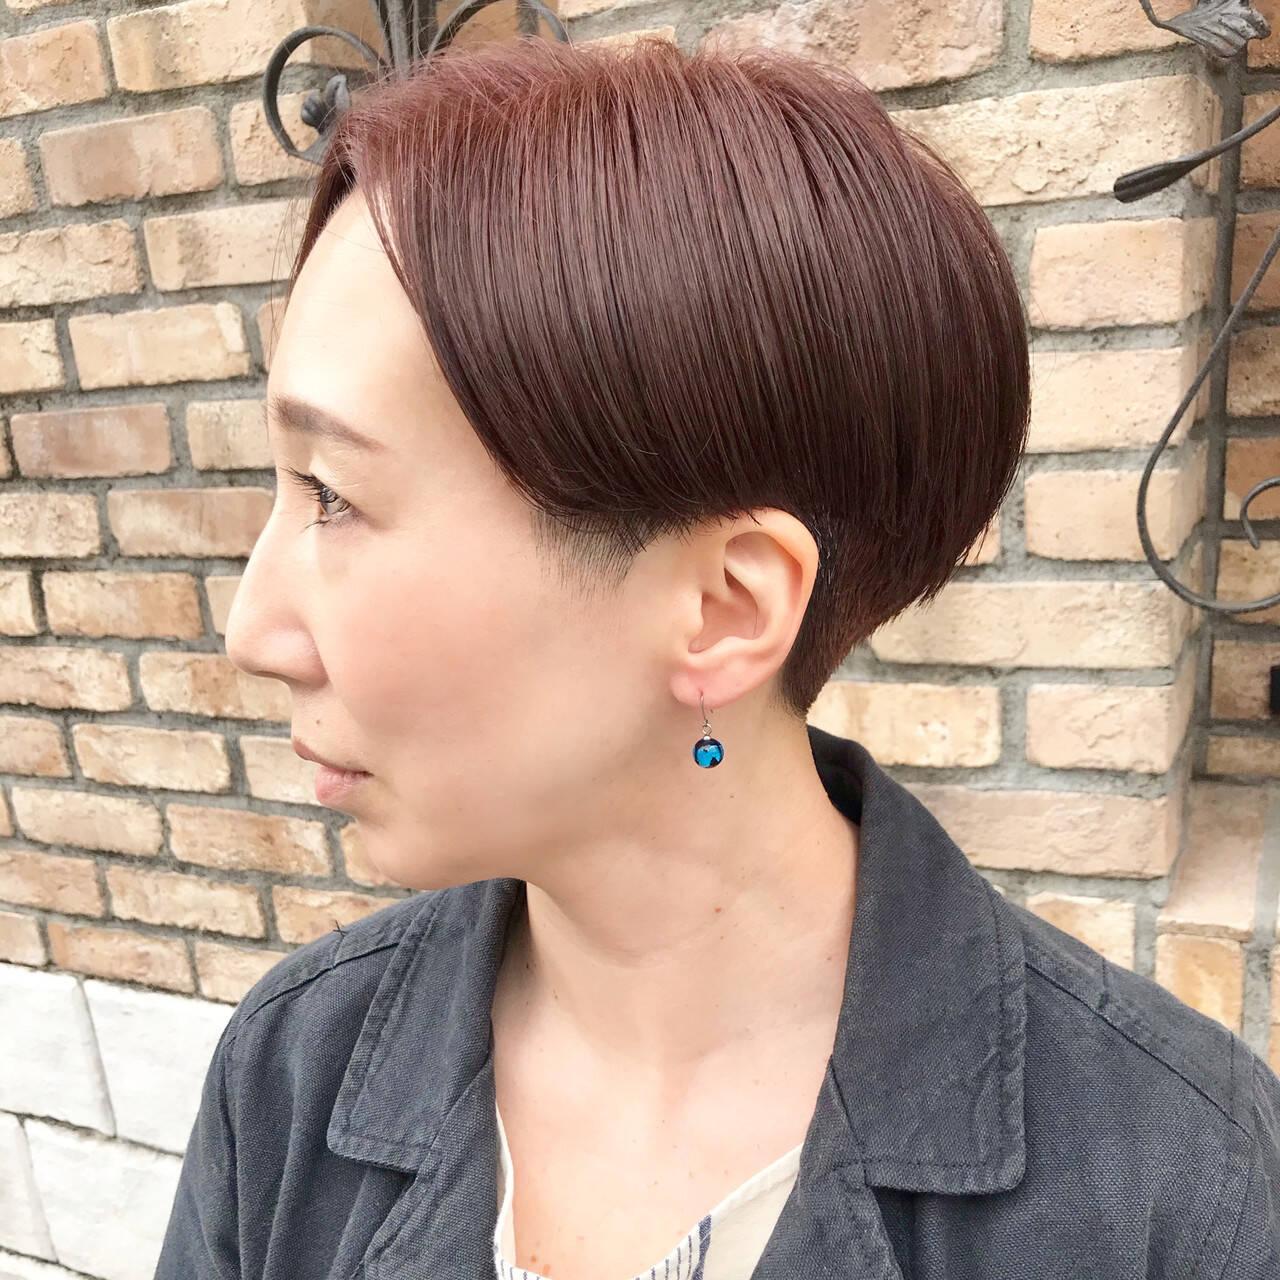 刈り上げショート ショート モード 刈り上げ女子ヘアスタイルや髪型の写真・画像